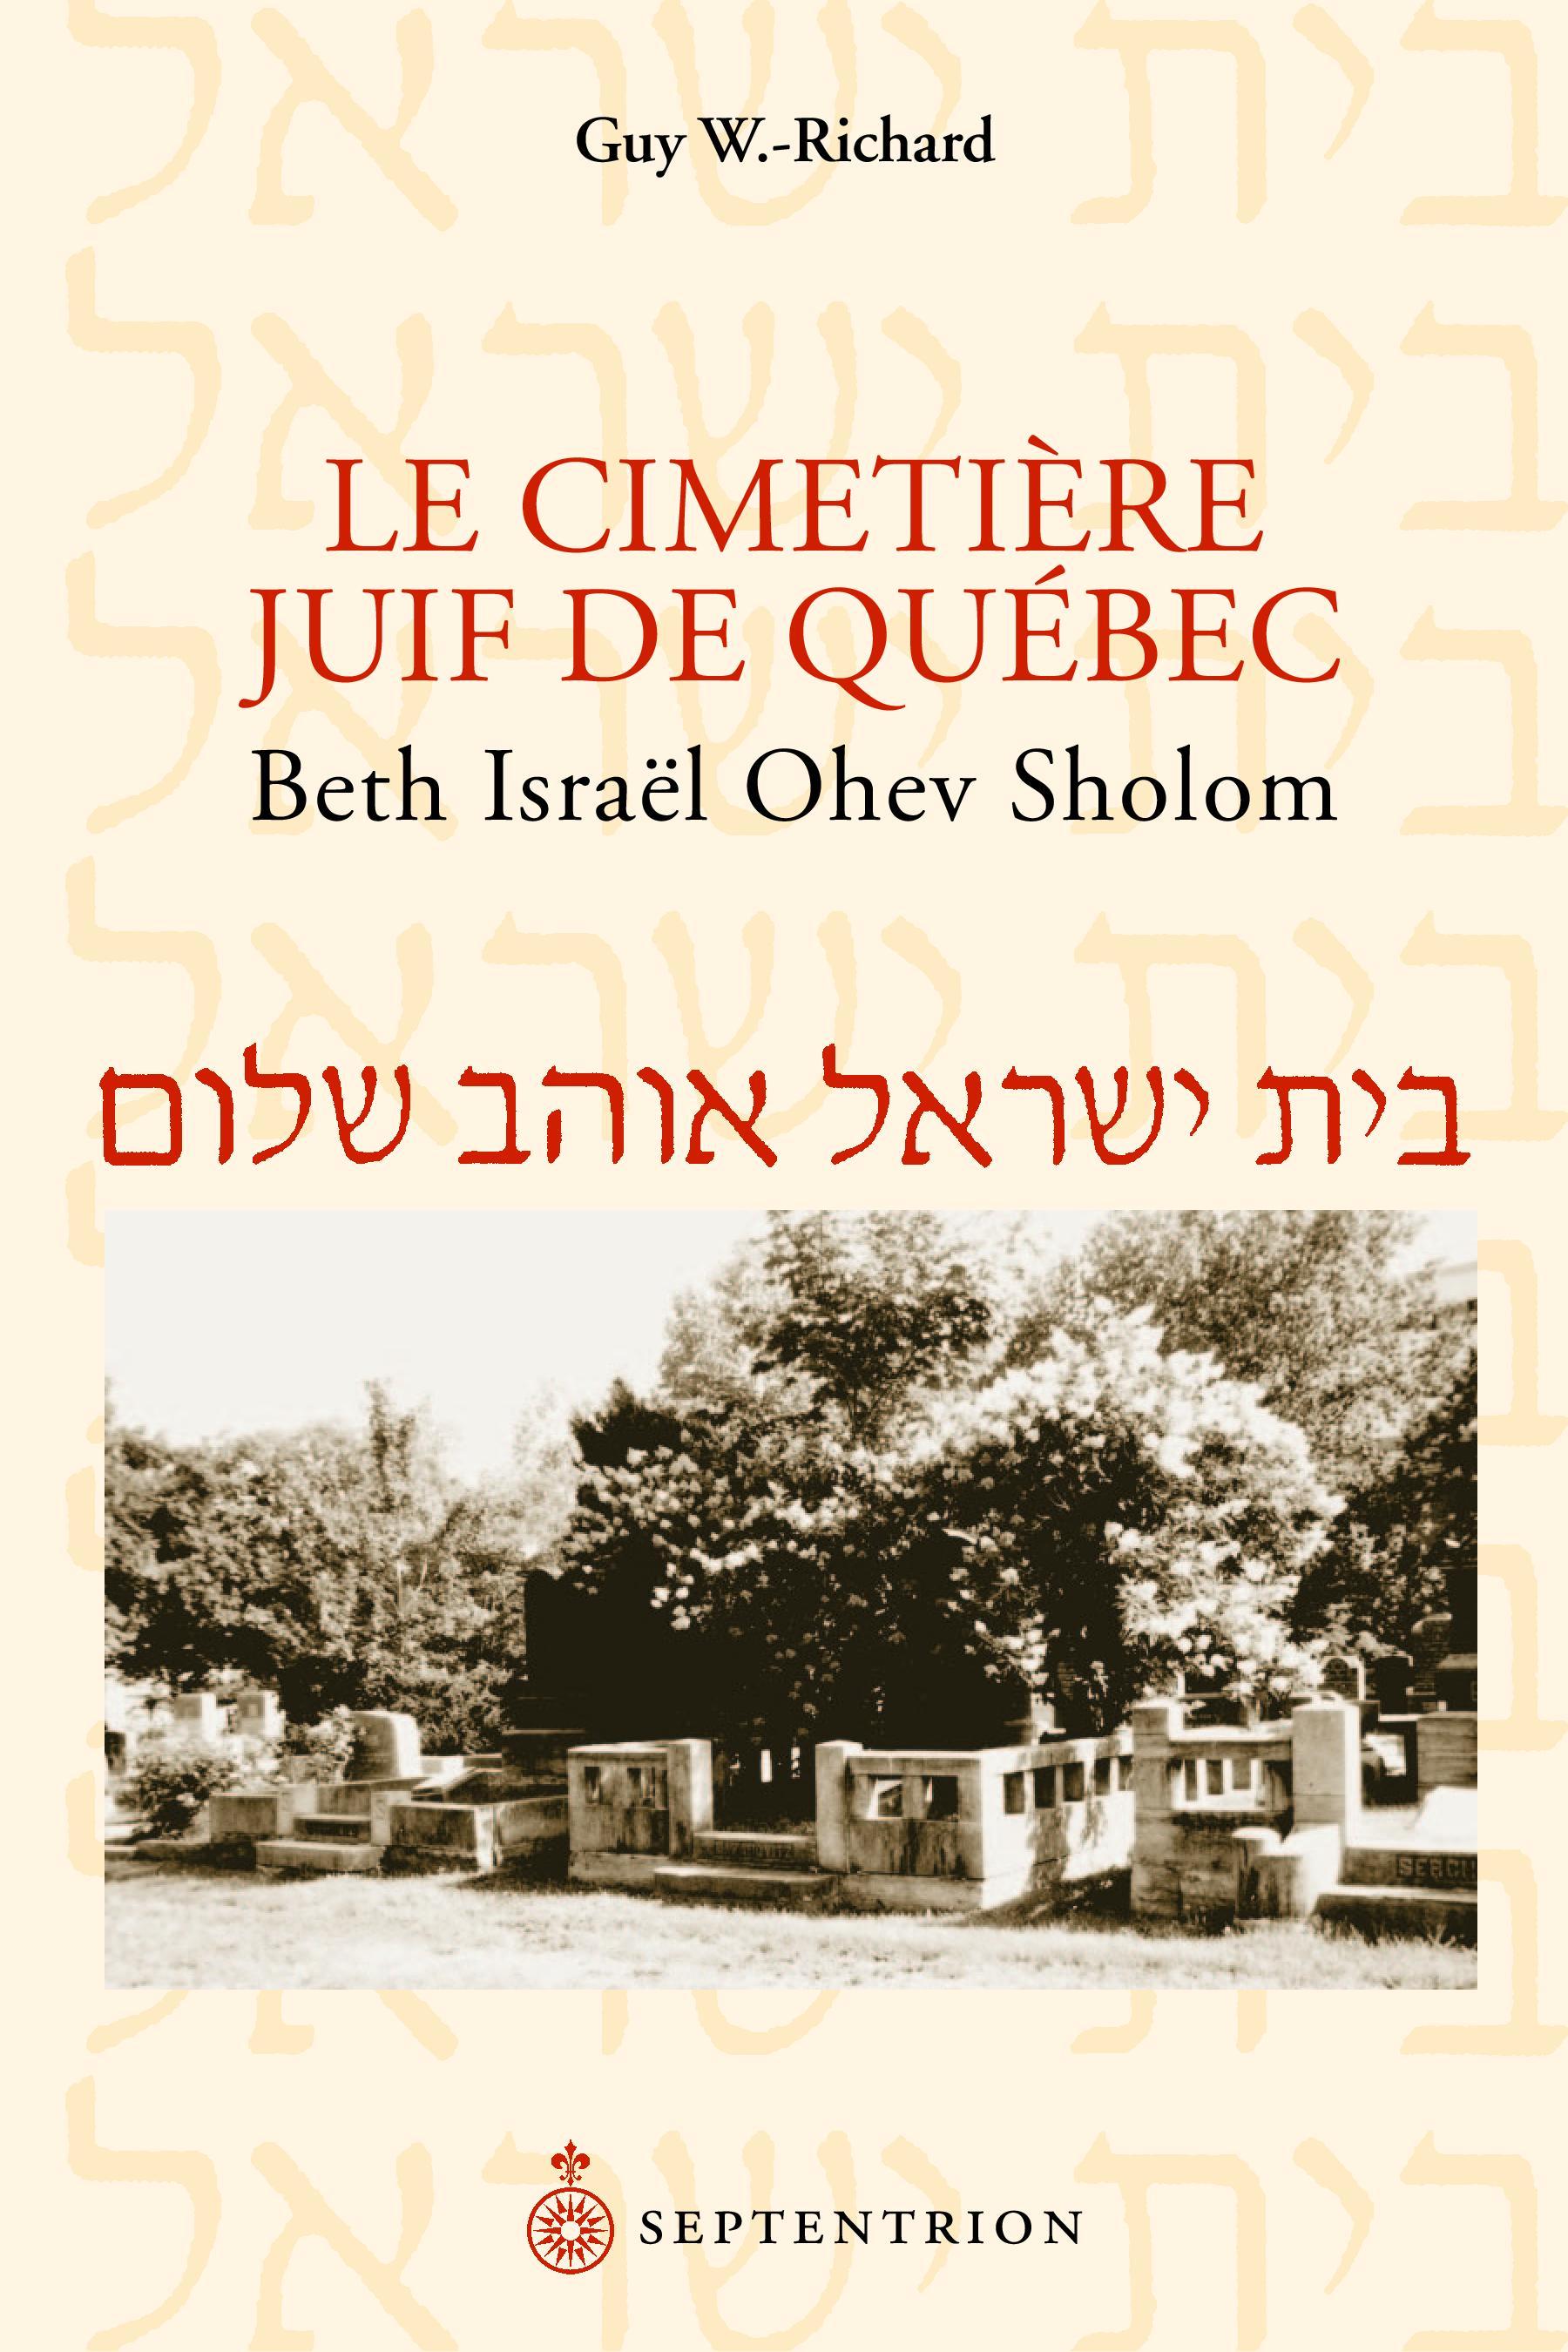 Le Cimetière juif de Québec